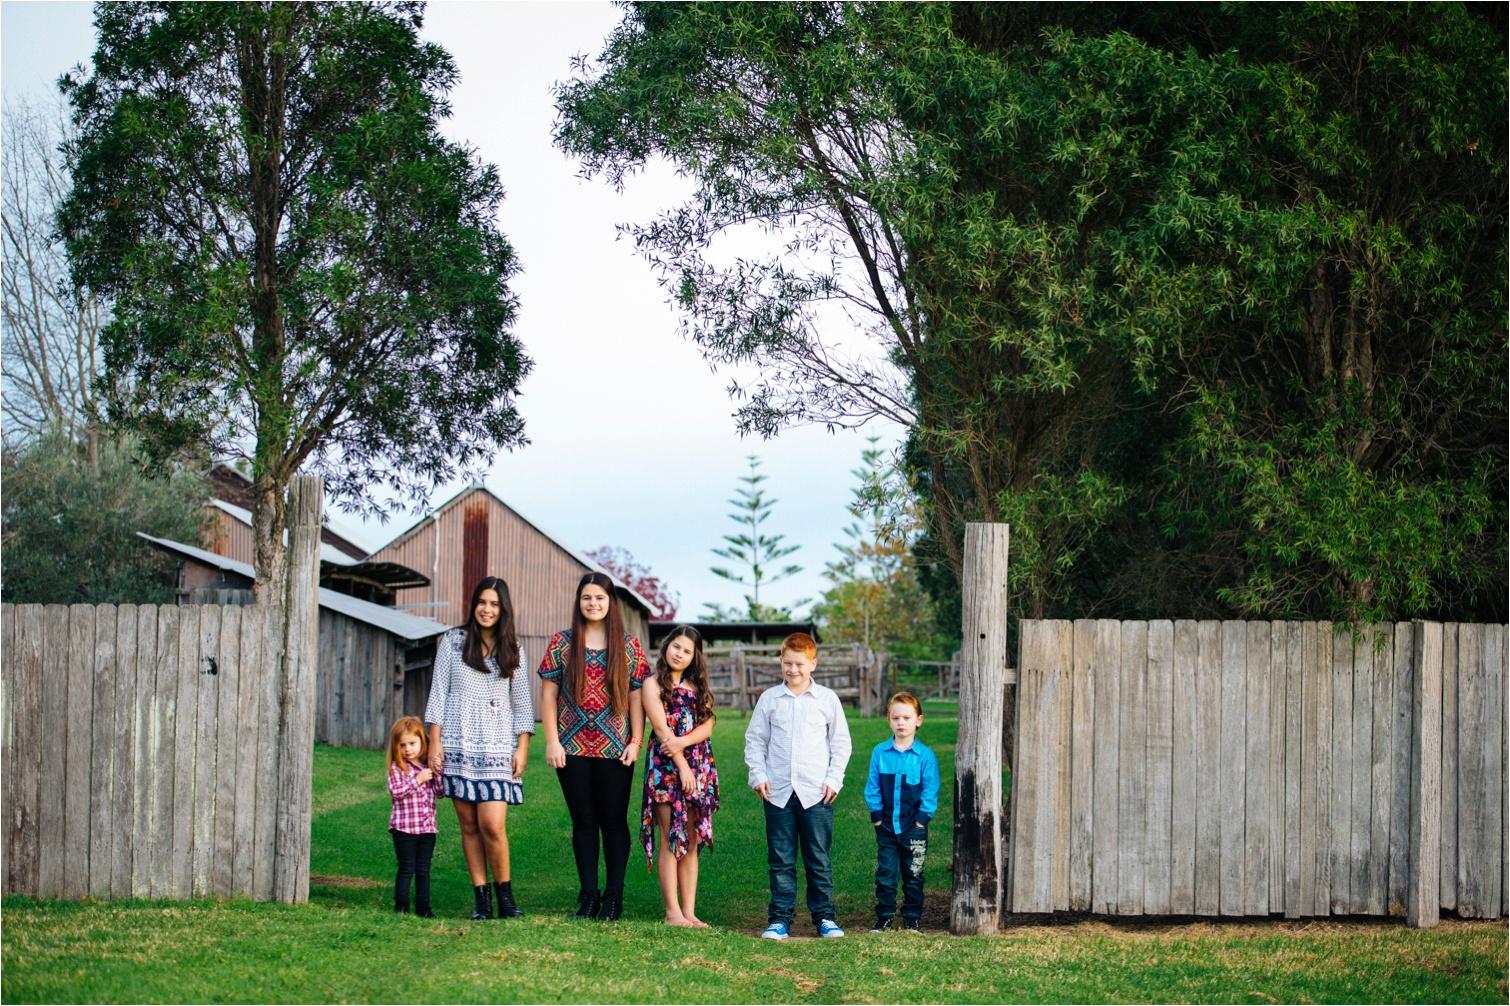 park-family-photos_gold-coast-11.jpg